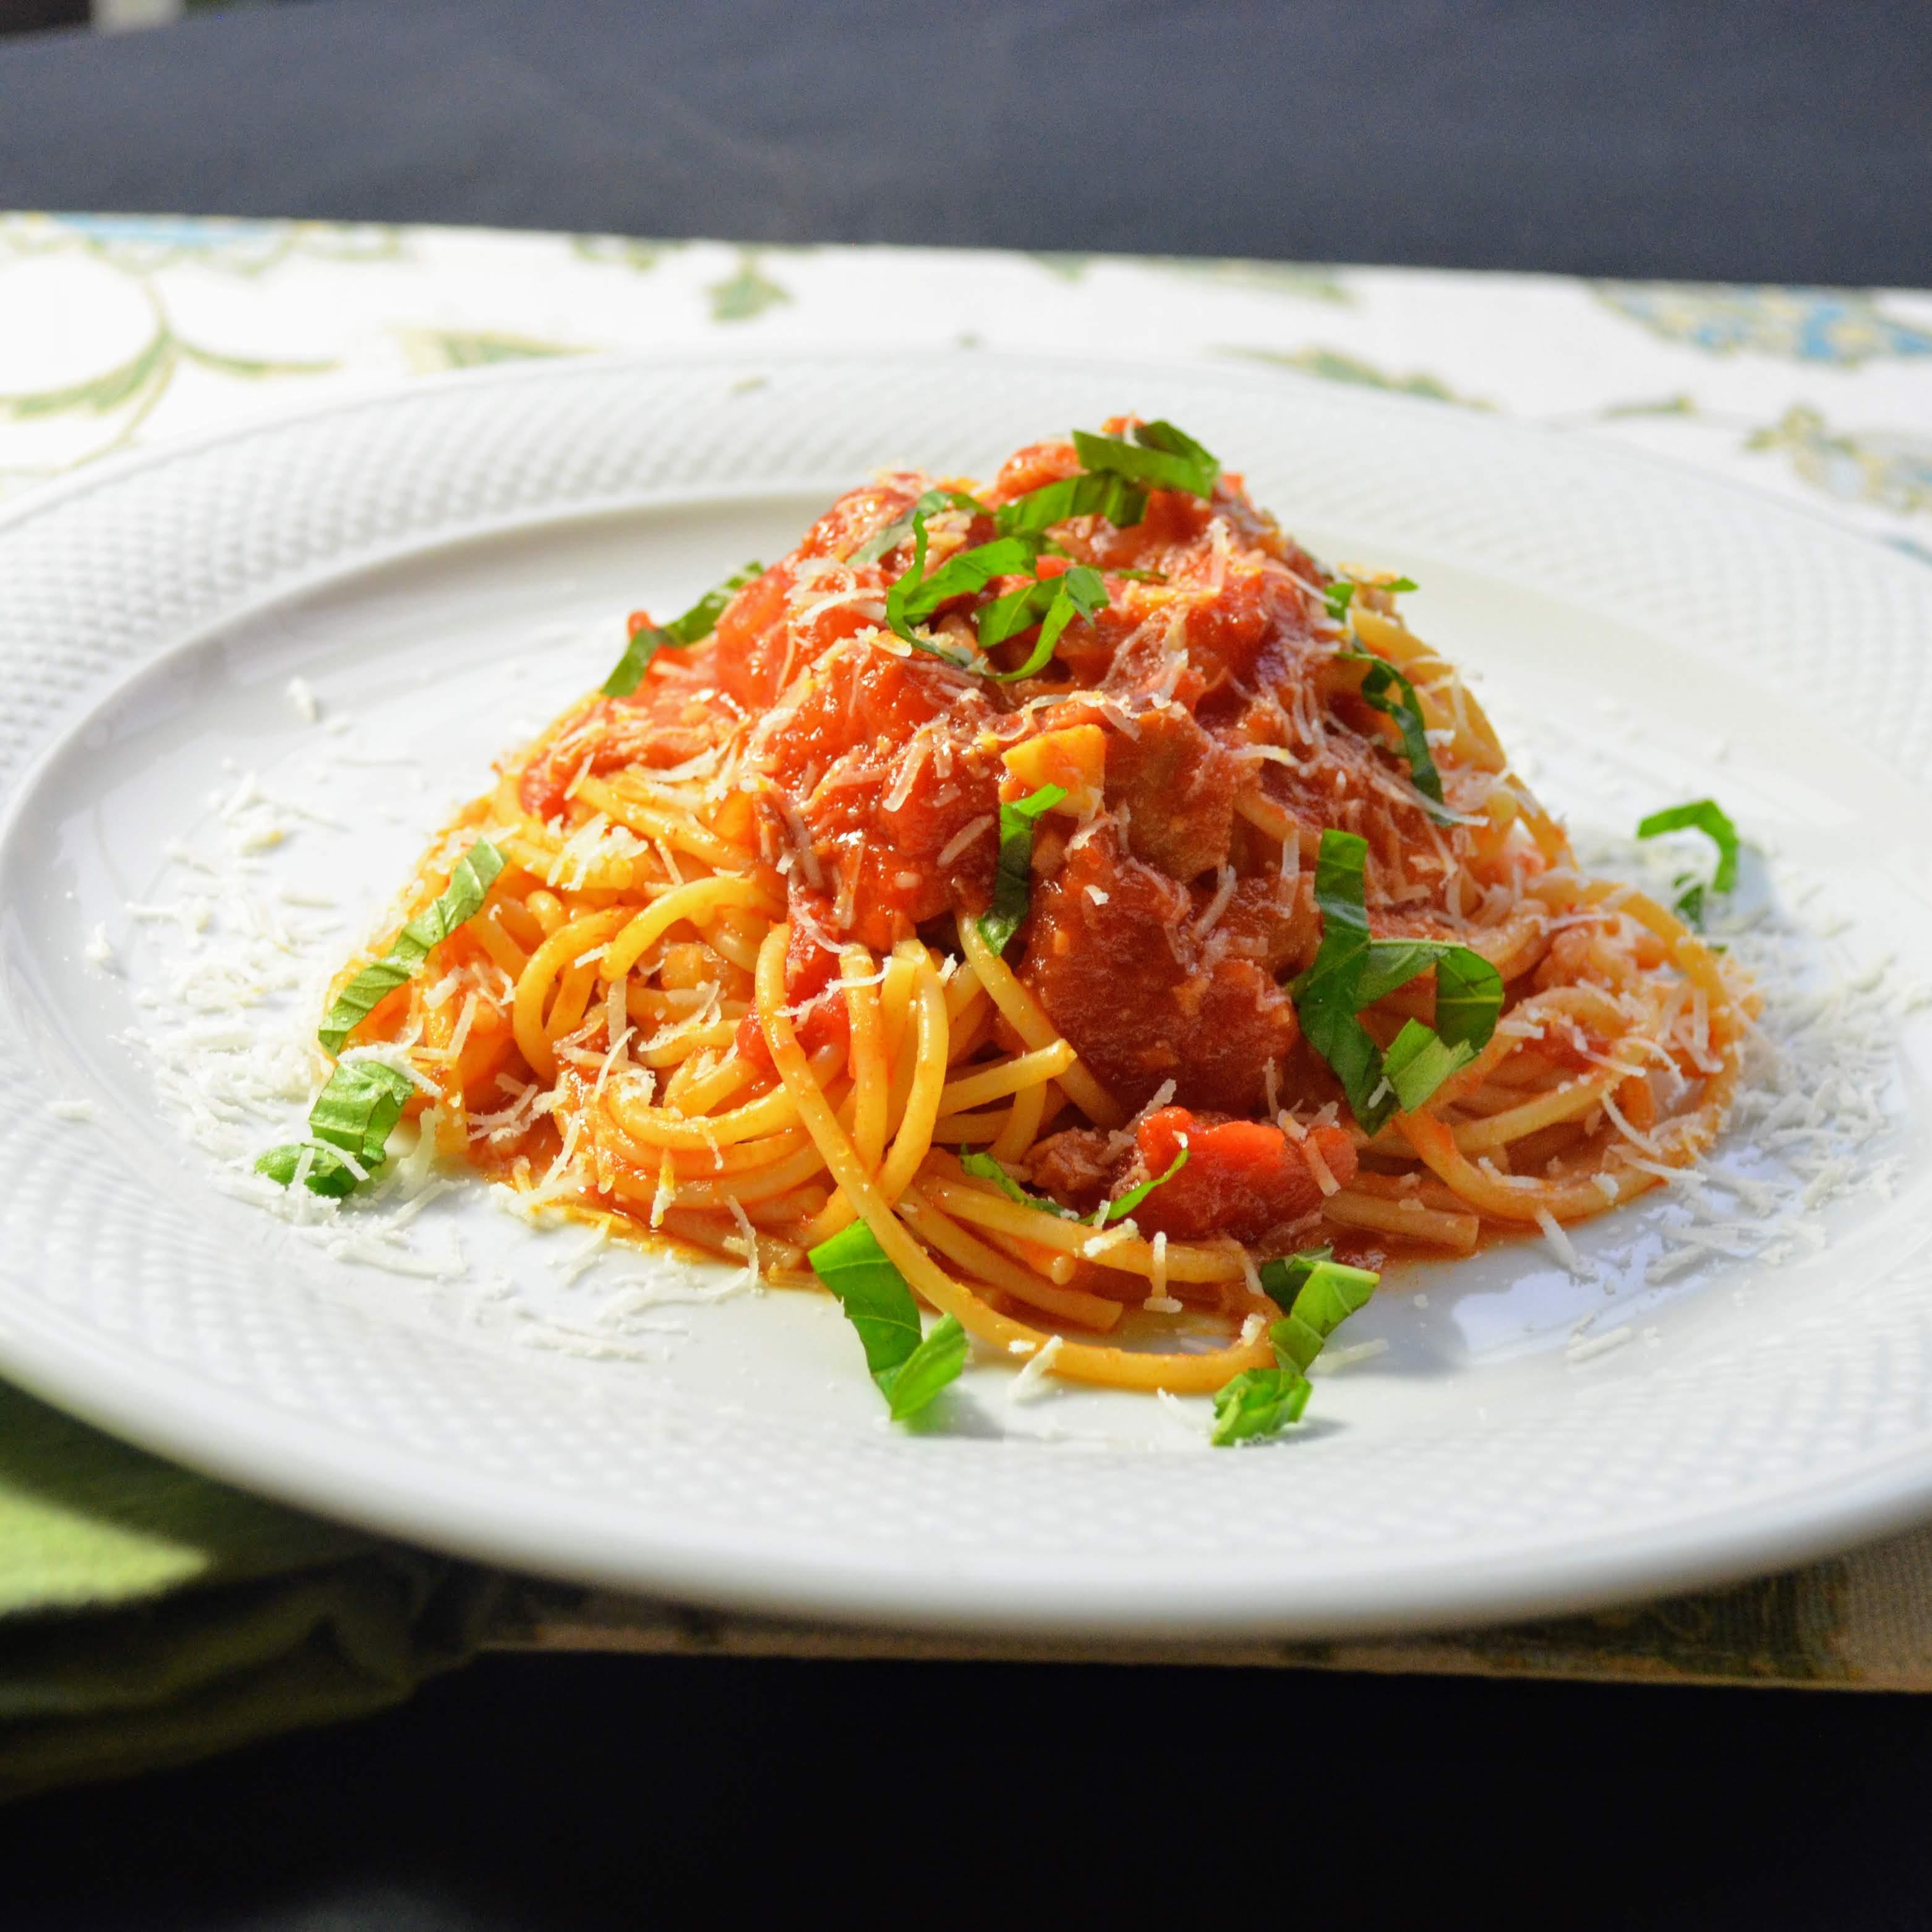 Capellini Al Forno Giada lasagne verdi al forno recipe - allrecipes